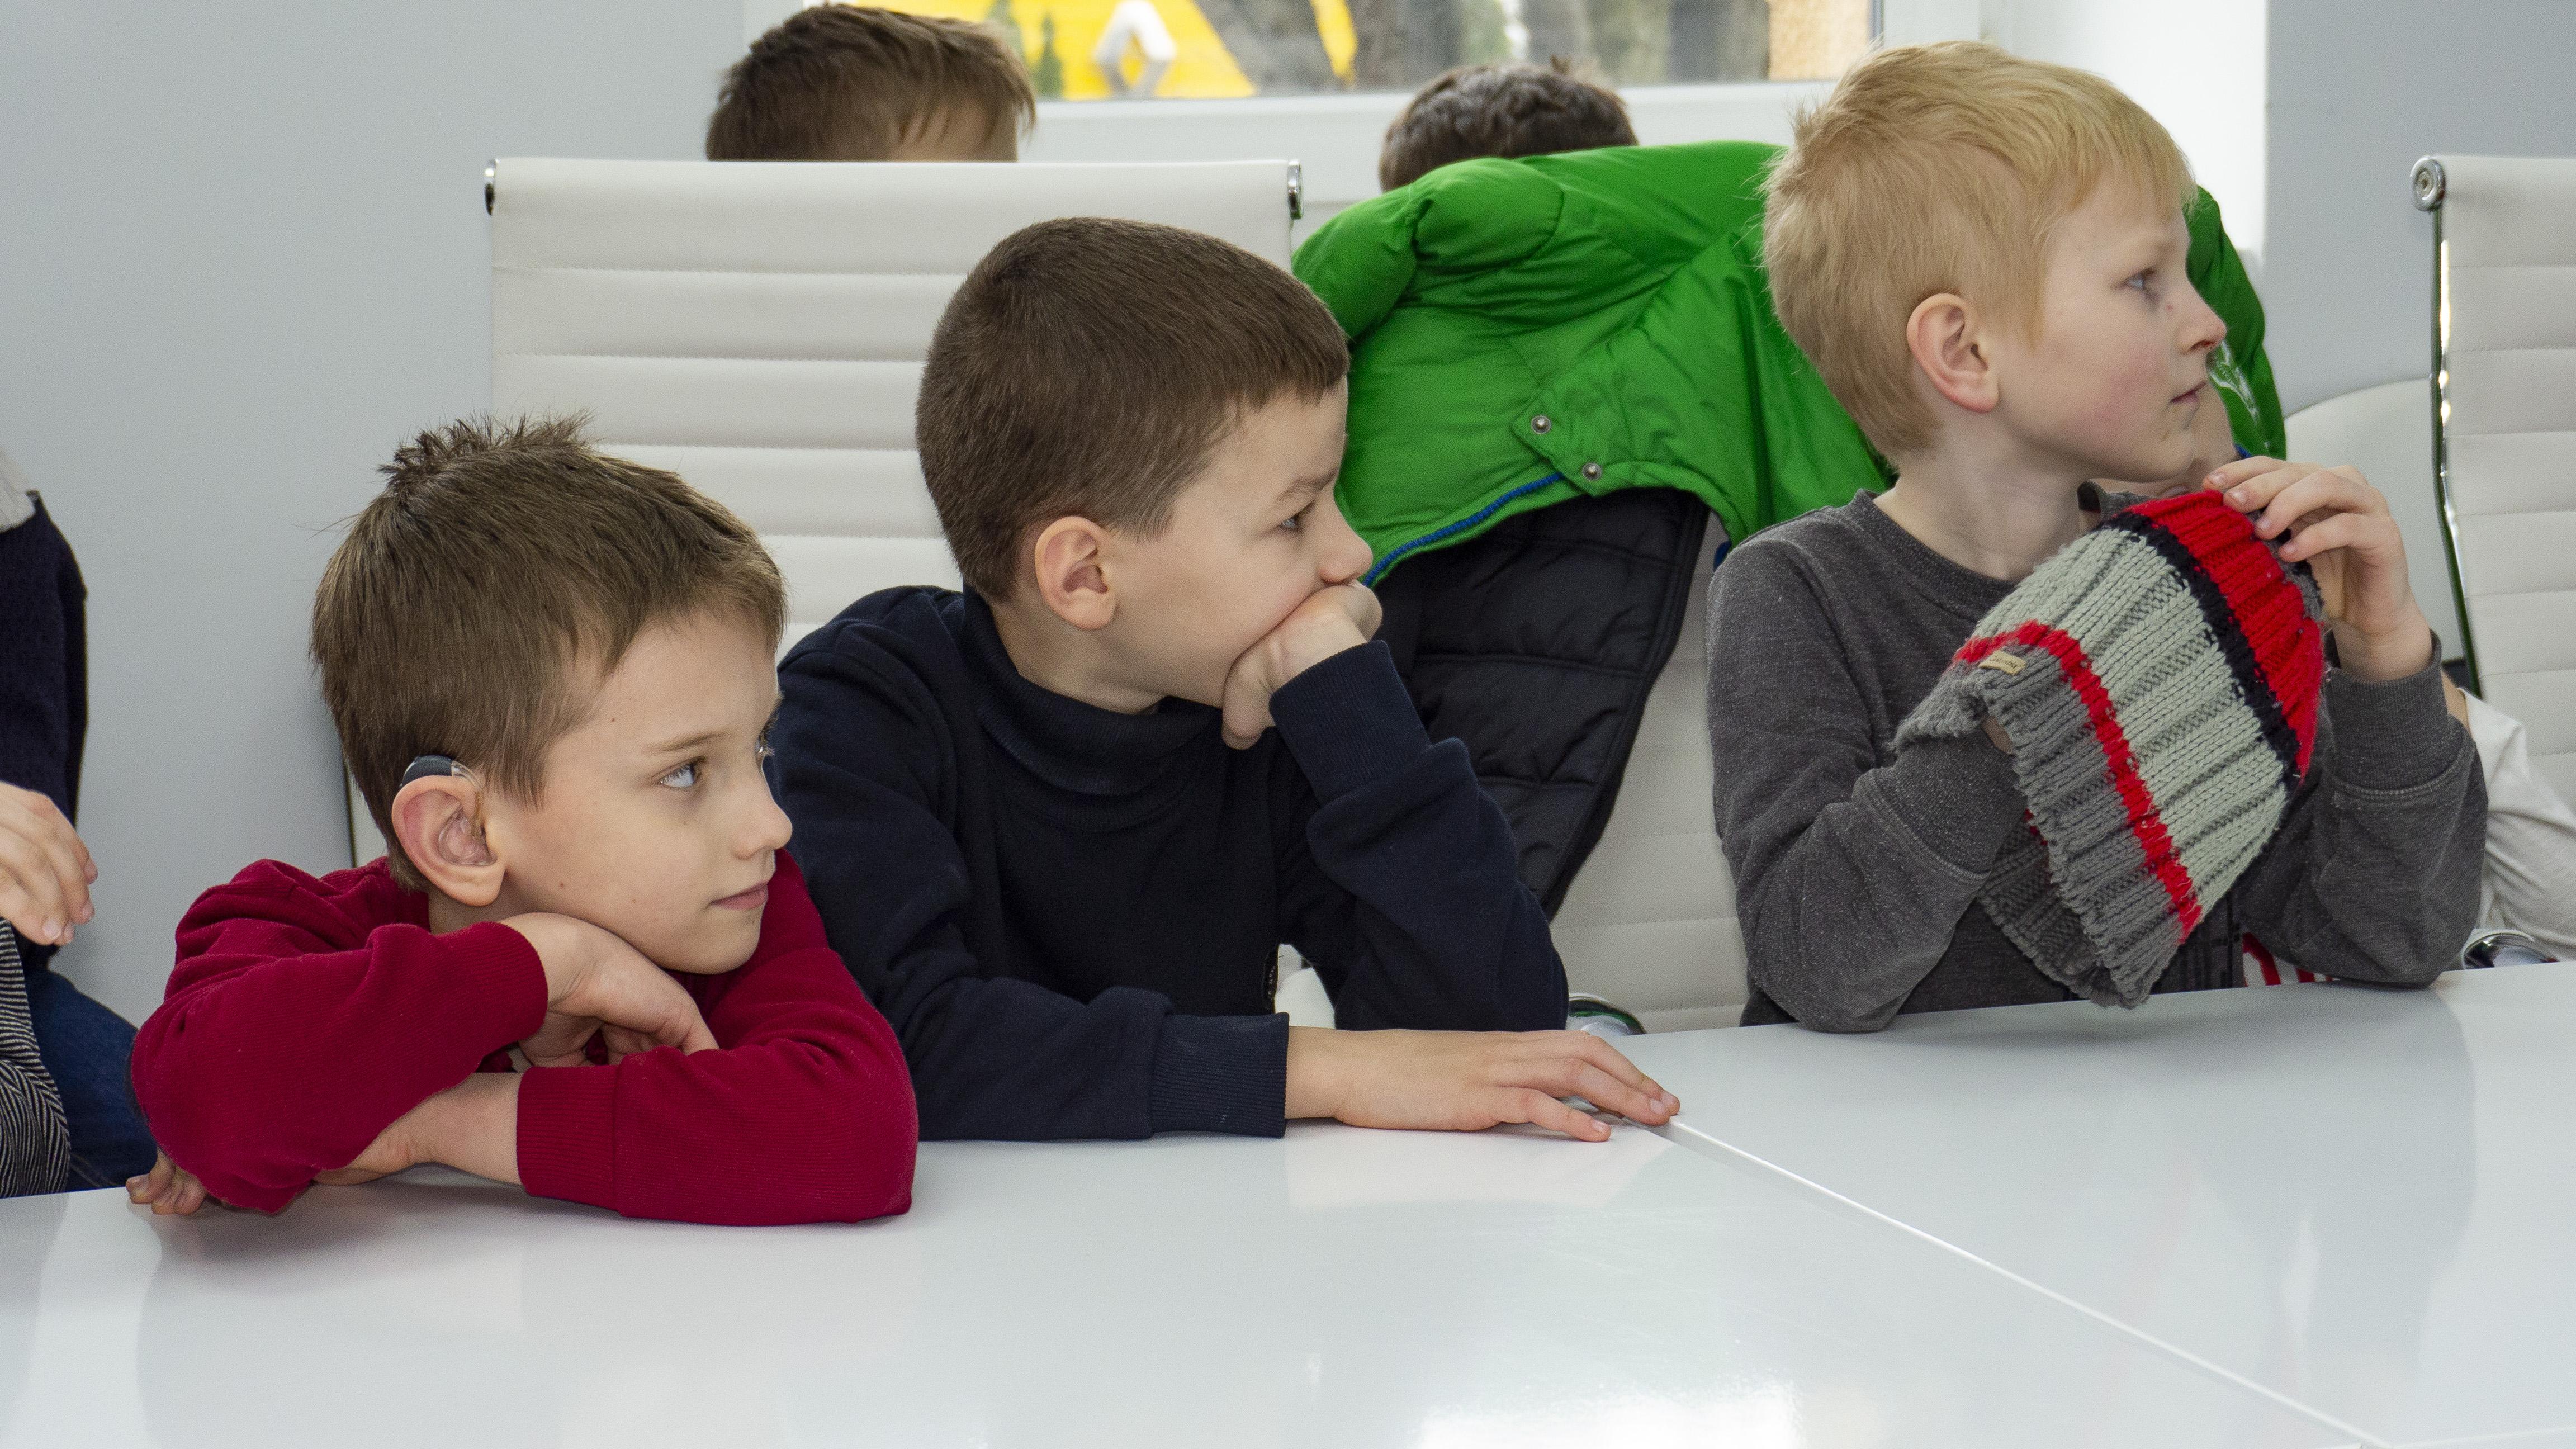 """Відкритий день на 12-му: канал """"окупували"""" школярі. ФОТО"""